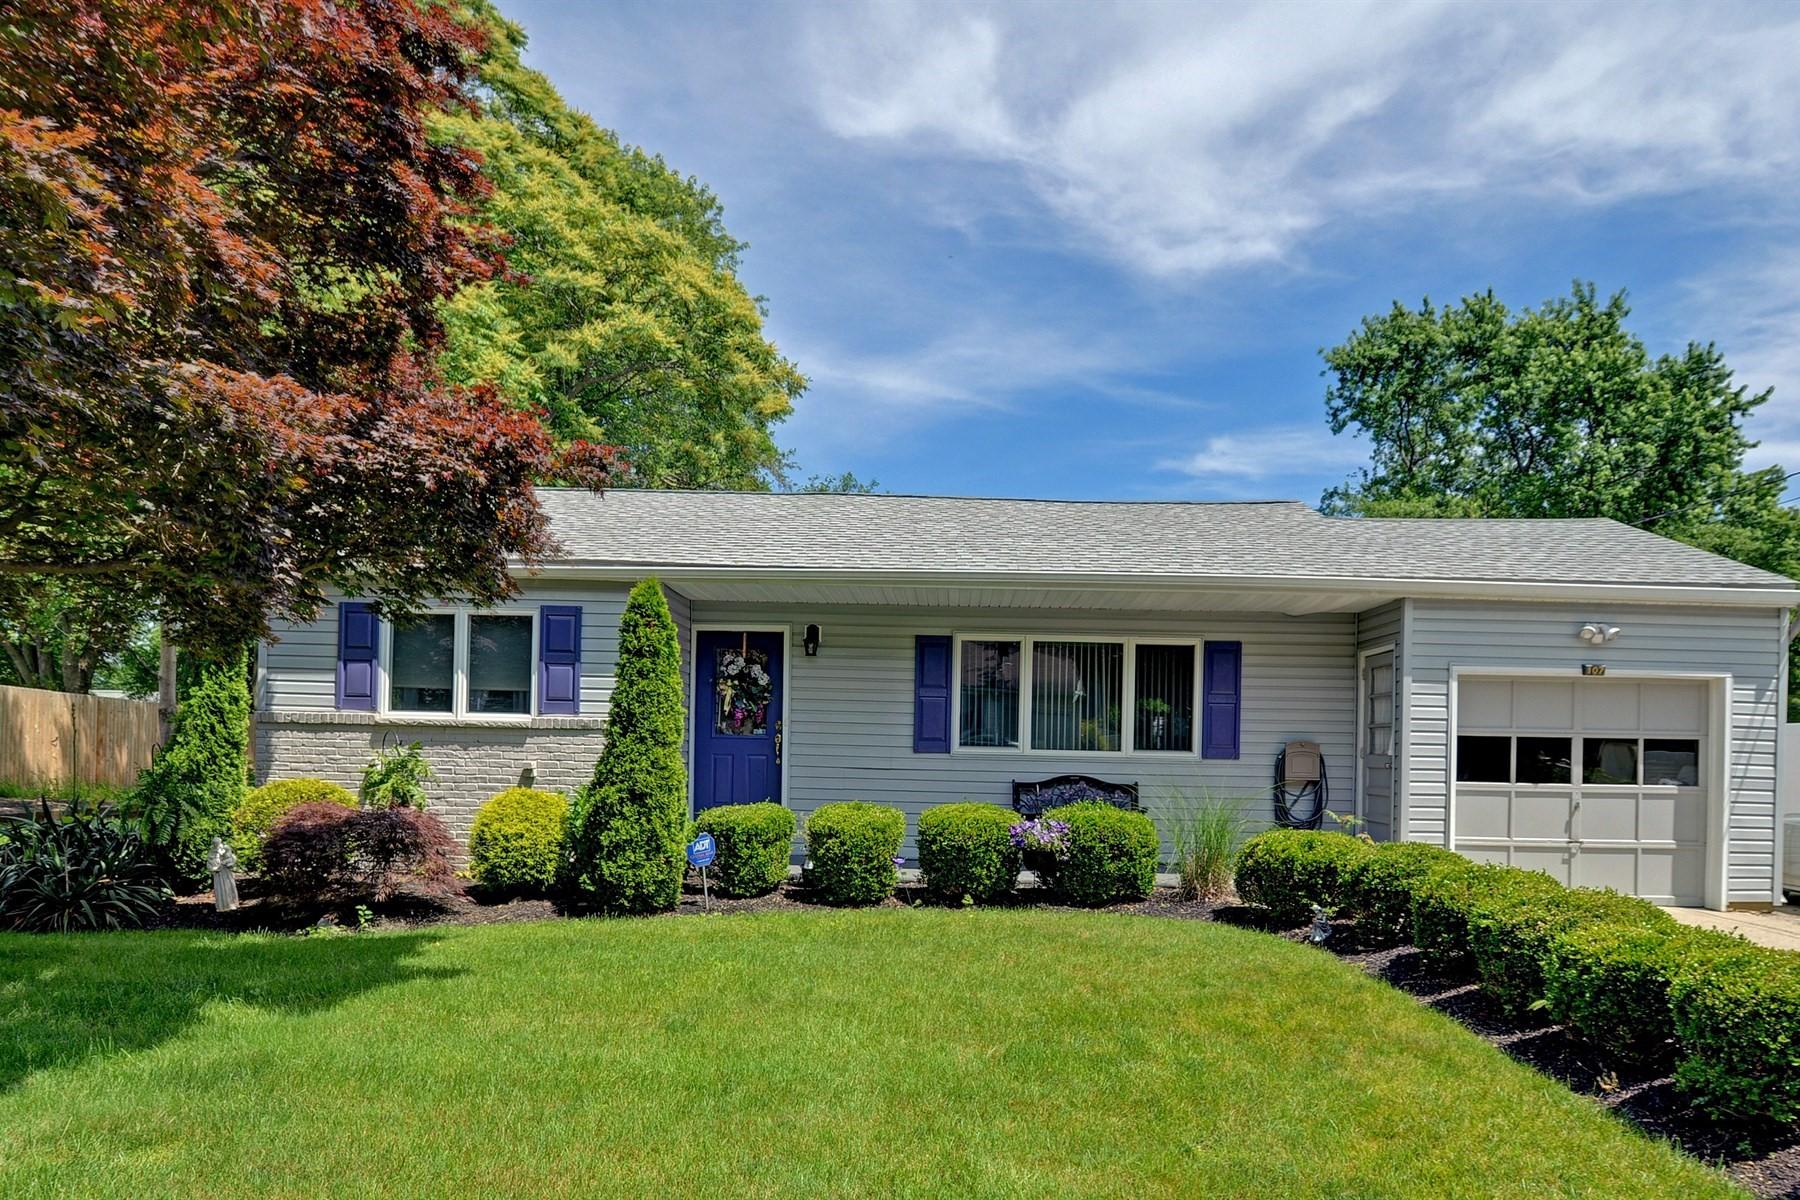 Частный односемейный дом для того Продажа на 107 Hazlet Avenue Hazlet, Нью-Джерси 07730 Соединенные Штаты